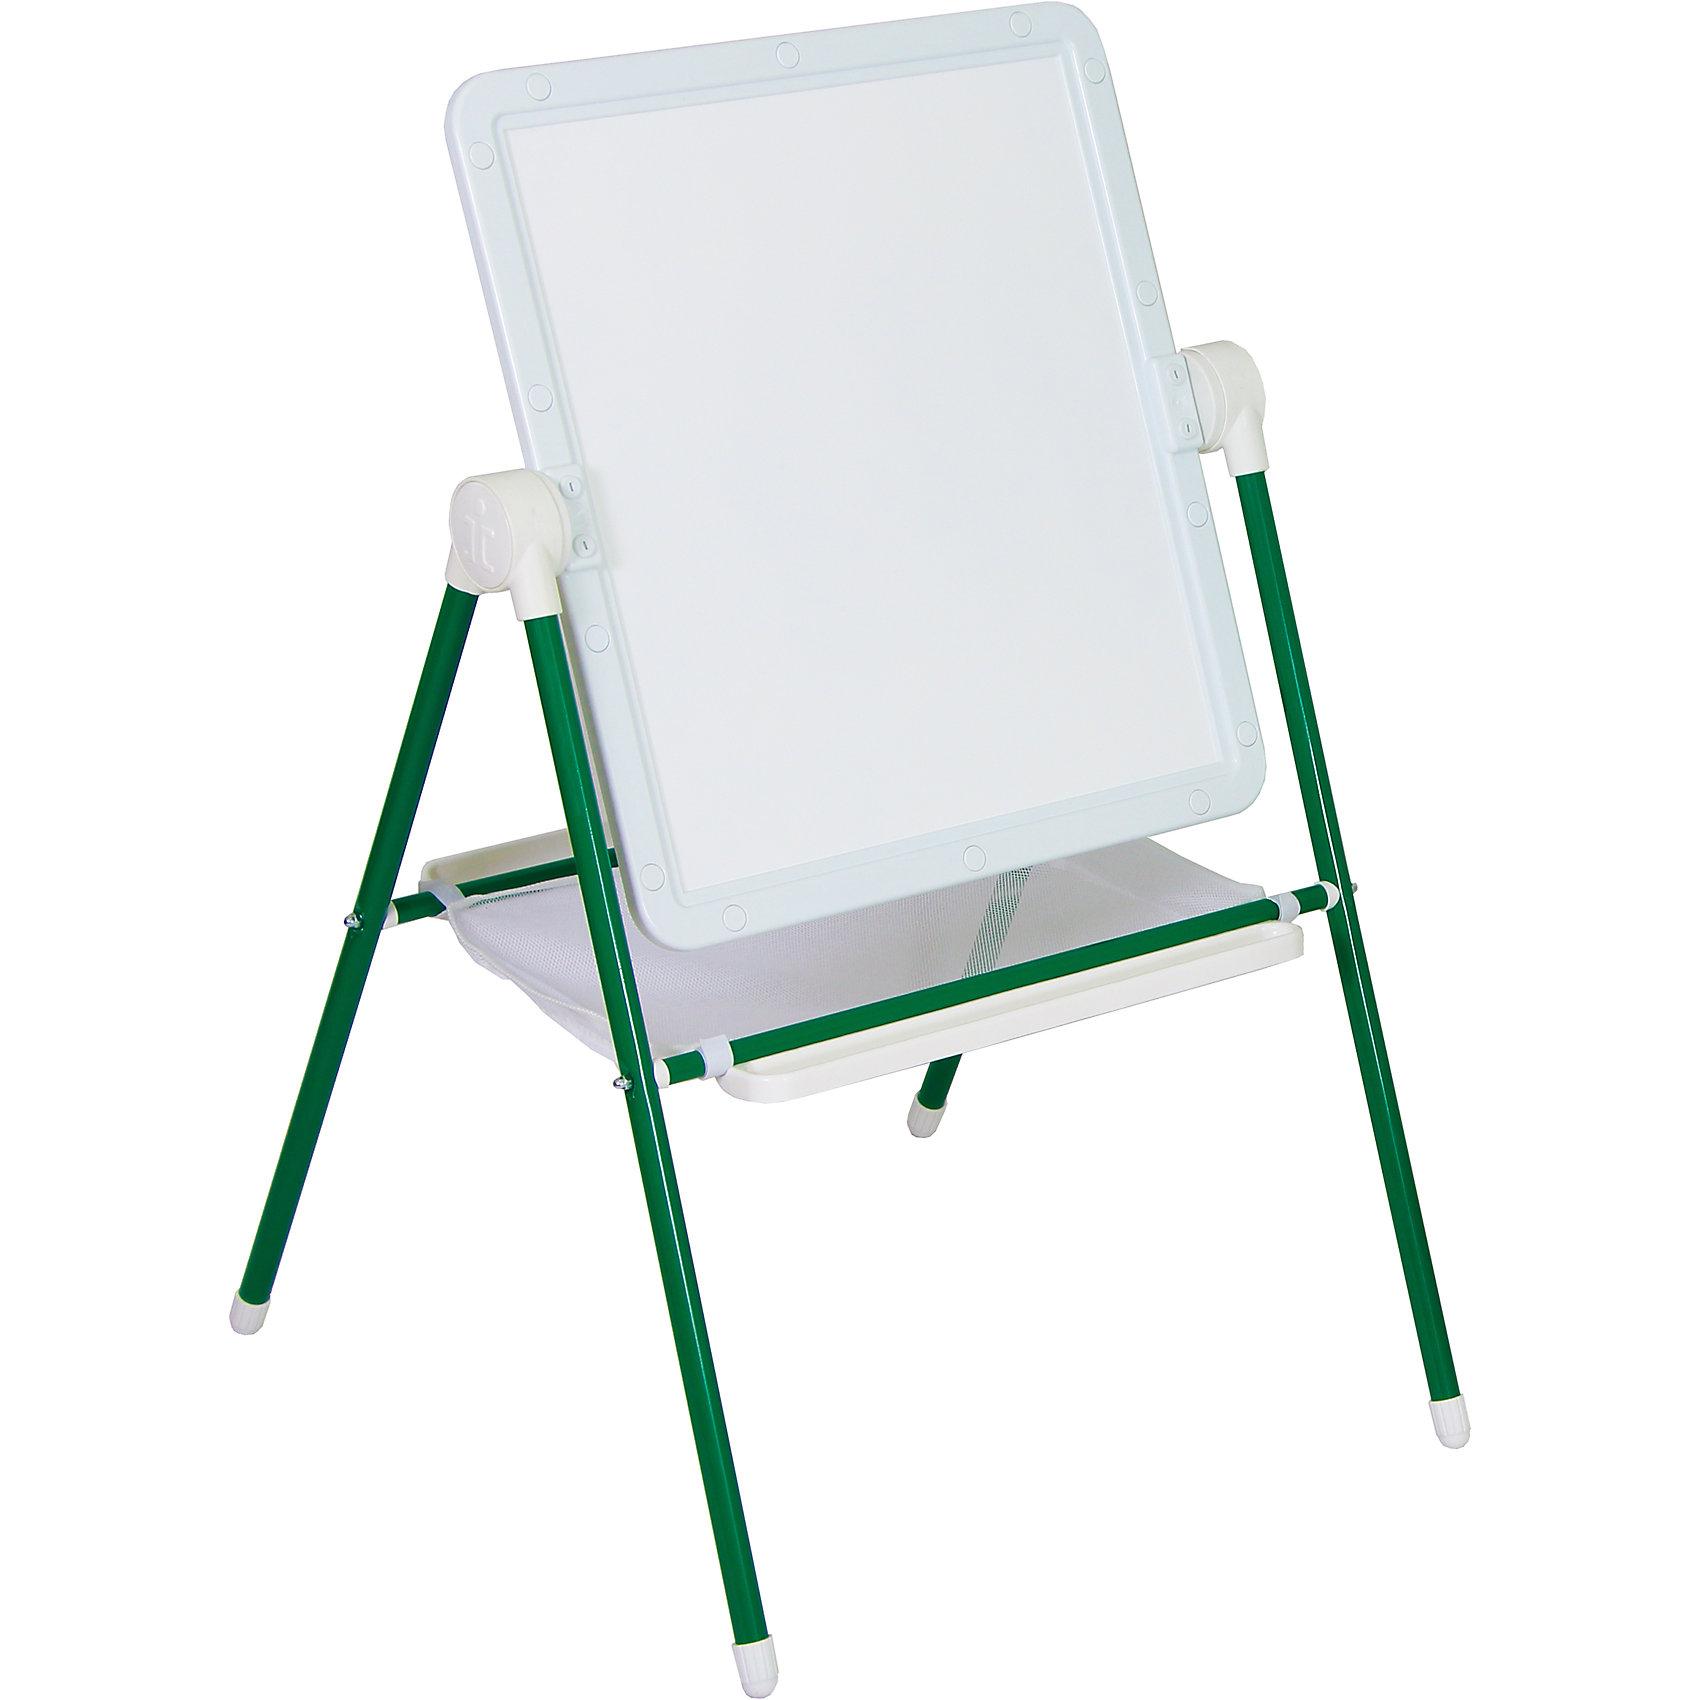 Детский двухсторонний мольберт (зеленый с белым)Детский двухсторонний мольберт (зеленый с белым).<br><br>Характеристики:<br><br>- Внимание: буквы и цифры приобретаются отдельно.<br>- Размер рабочей поверхности: 521х462 мм.<br>- Высота мольберта (при вертикальном положении экрана): 1032 ±2мм.<br>- Материал: пластик, металл<br>- Цвет: белый, зеленый<br>- Размер упаковки: 720х610х100 мм.<br>- Вес: 1112 гр.<br><br>Мольберт с 2 магнитными поверхностями - это лучший помощник в игре и учебе. На нем удобно размещать магнитные фигуры и буквы алфавита. Уникальная конструкция мольберта позволяет менять угол наклона экрана - для еще большего комфорта юных художников! Белая сторона экрана (доски) служит для нанесения надписей маркерами на водной основе. Черная сторона – для нанесения надписей мягкими мелками. К стойкам мольберта устанавливаются два лотка для канцелярских принадлежностей – мелки, маркеры, карандаши всегда будут под рукой! Имеется вместительный бокс-сетка для хранения игрушек и принадлежностей для творчества. Горизонтальное положение поверхности мольберта превращает его в площадку для игры. Мольберт идеально сочетается с детской складной мебелью «Дэми».<br><br>Детский двухсторонний мольберт с буквами (зеленый с белым) можно купить в нашем интернет-магазине.<br><br>Ширина мм: 720<br>Глубина мм: 610<br>Высота мм: 100<br>Вес г: 1112<br>Возраст от месяцев: 12<br>Возраст до месяцев: 72<br>Пол: Унисекс<br>Возраст: Детский<br>SKU: 5096939